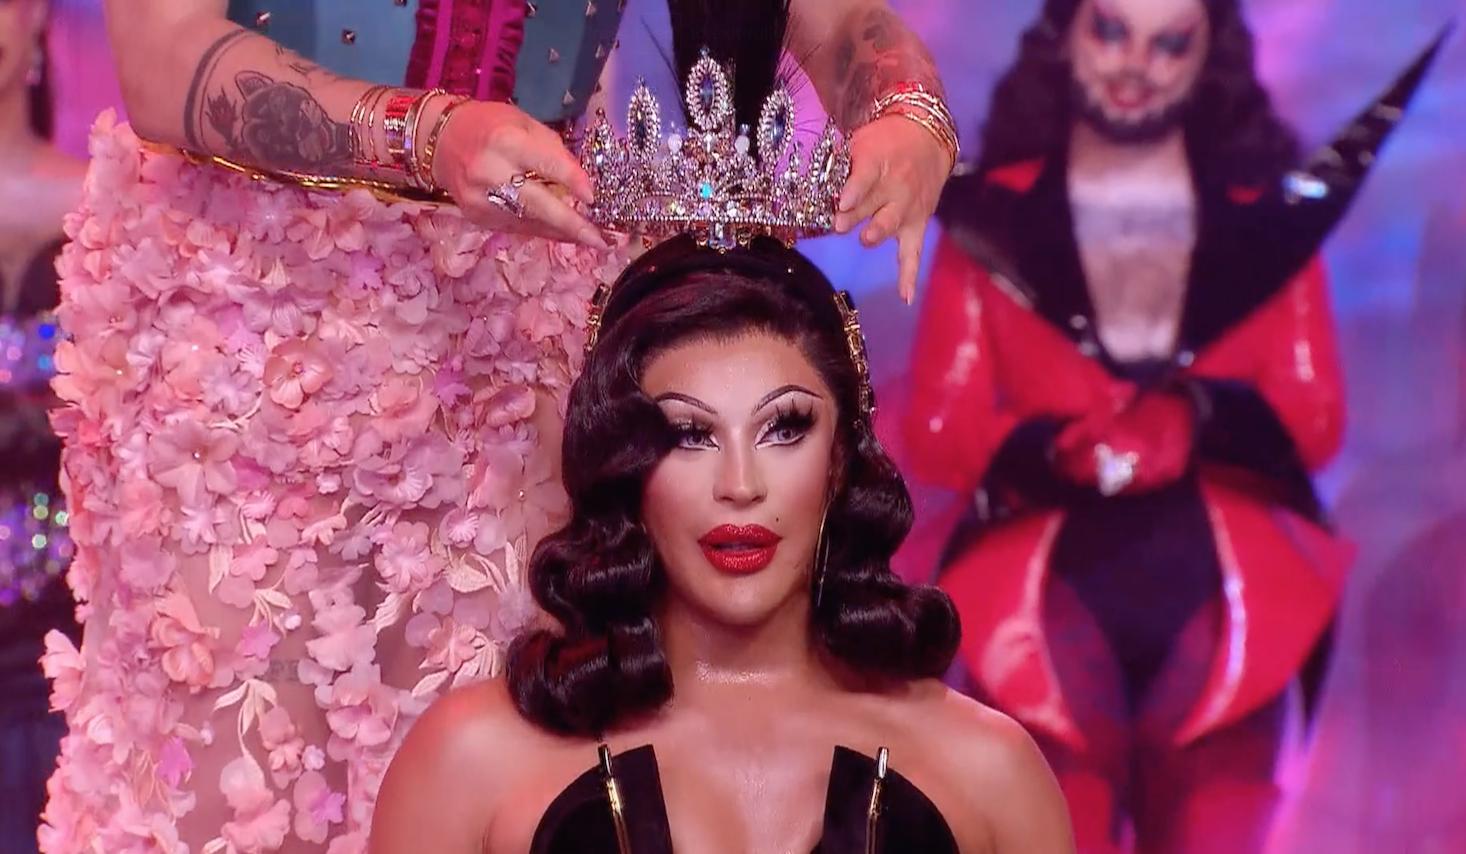 Envy Peru, uma drag queen latina de pele clara recebe a coroa das mãos de uma pessoa fora de enquadramento.